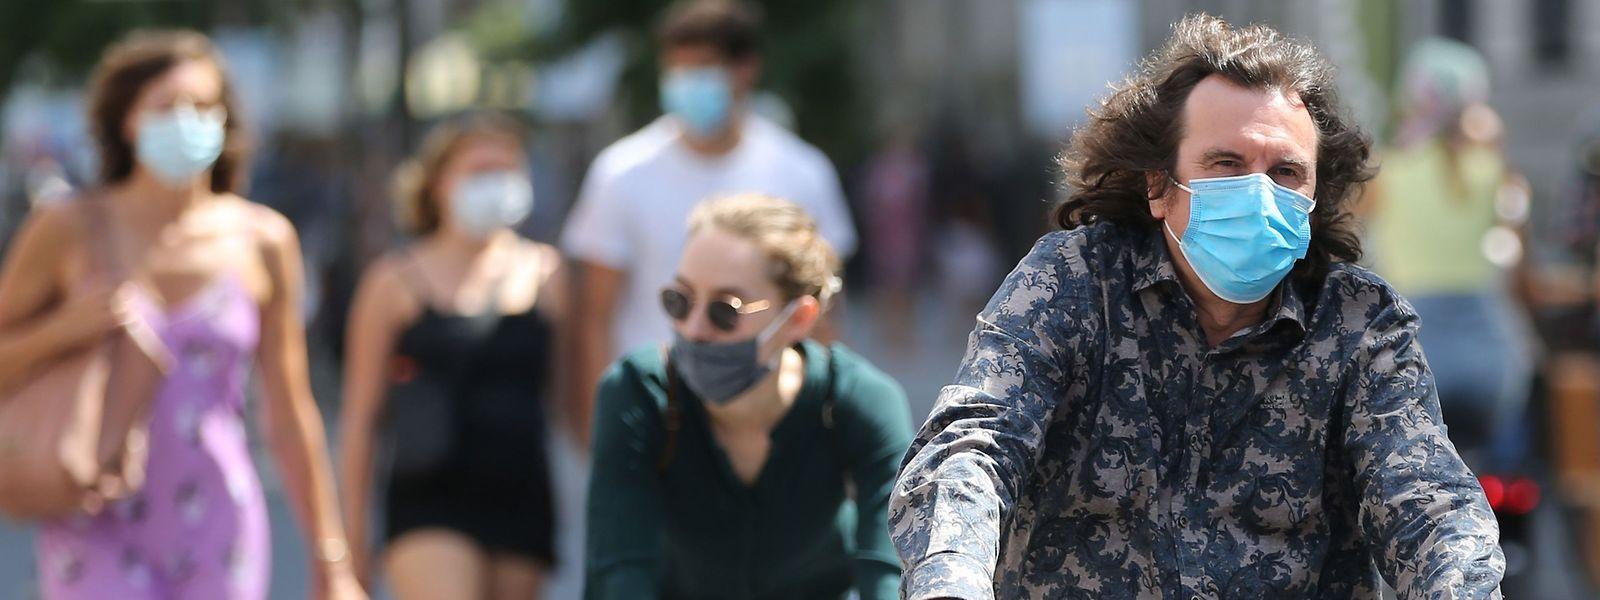 Le cap des 50 infections pour 100.000 personnes ayant été dépassé, la Ville a choisi d'imposer le masque partout et pour tous.